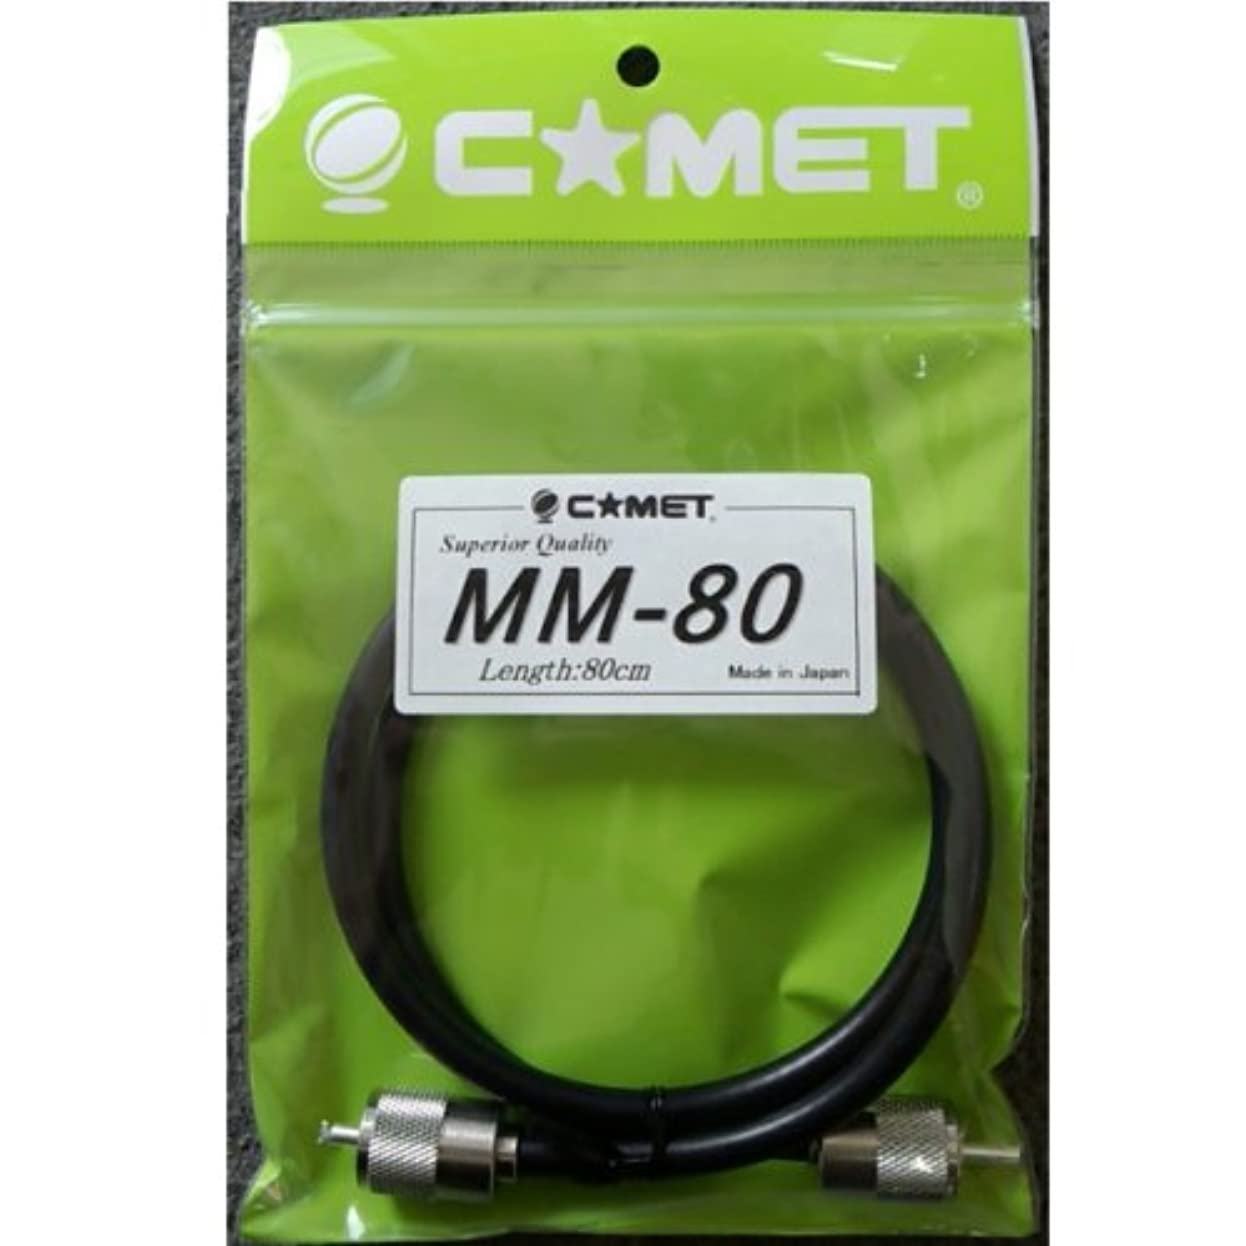 突撃サンダー永久COMET コメット MM-80 接続ケーブル (5D2V MP-MP)